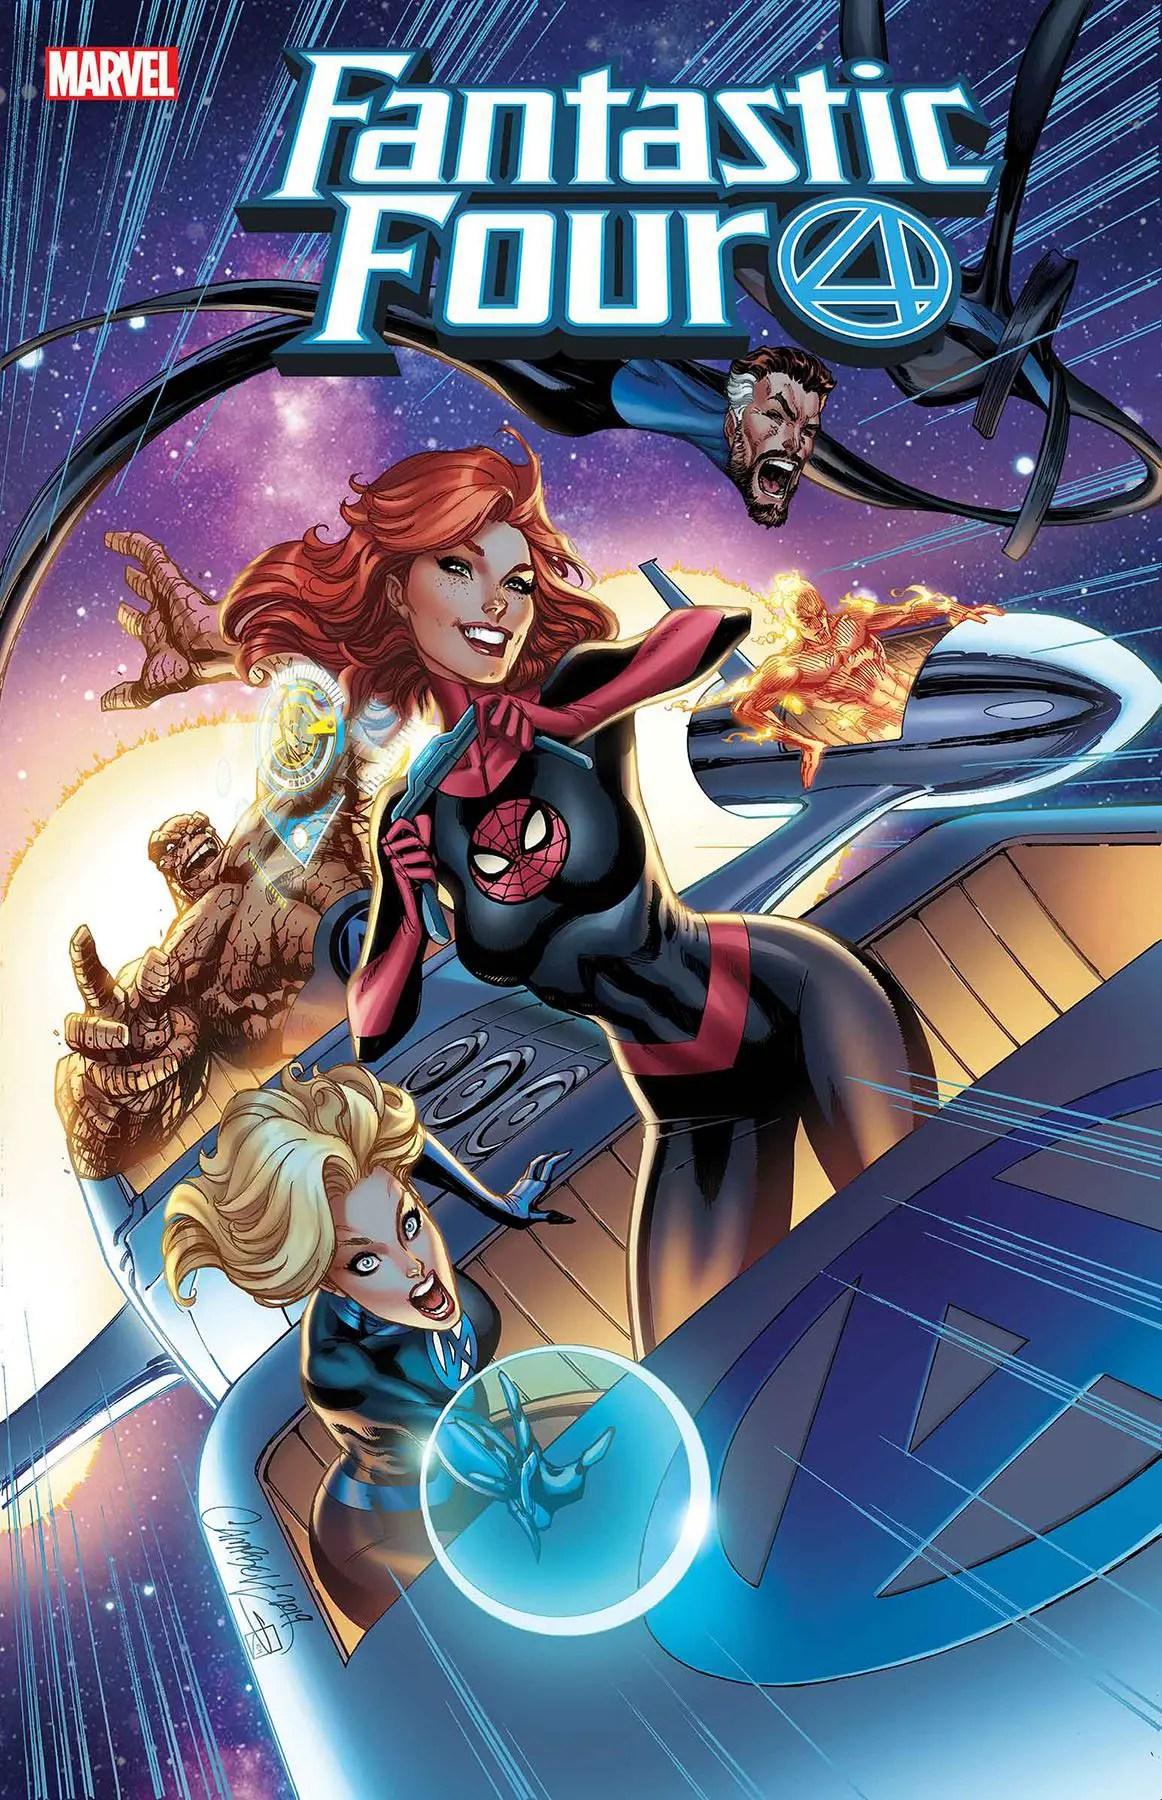 Fantastic Four #15 Review